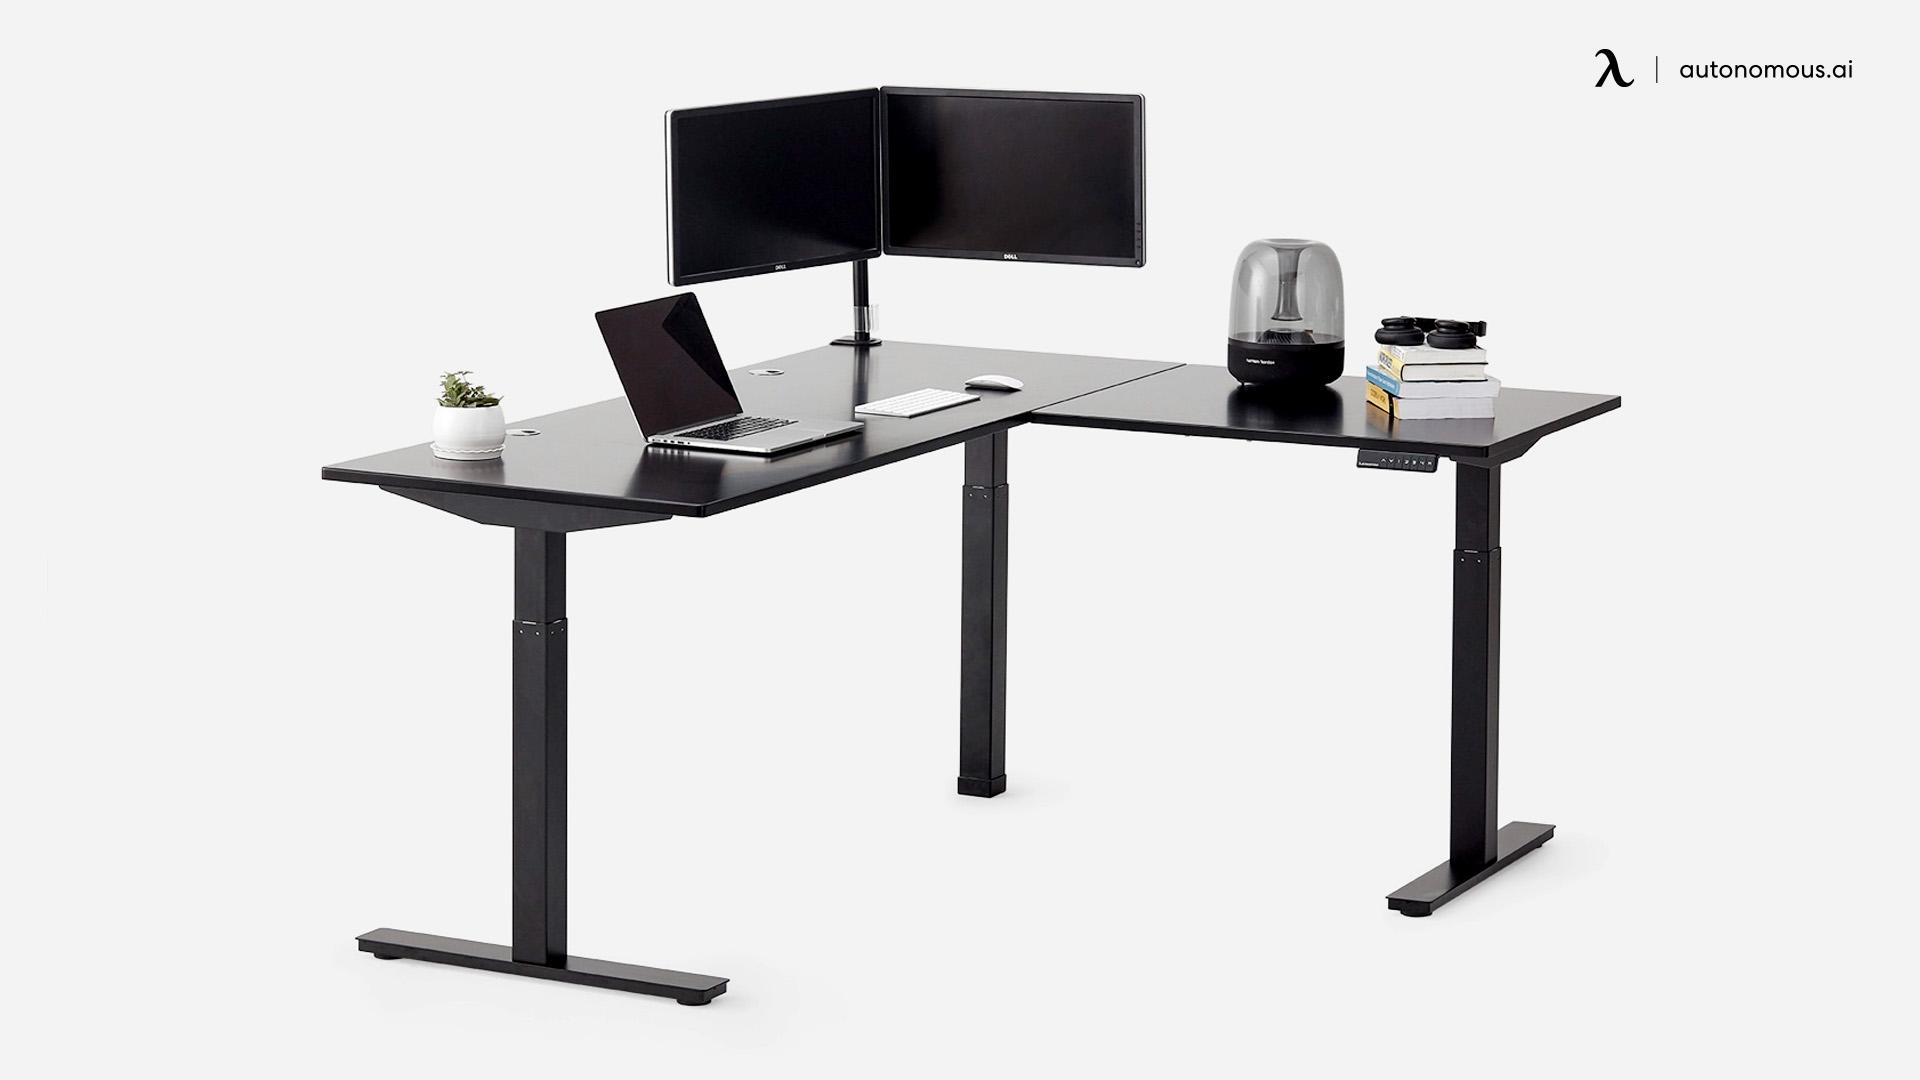 L-Shaped Smart Desk by Autonomous